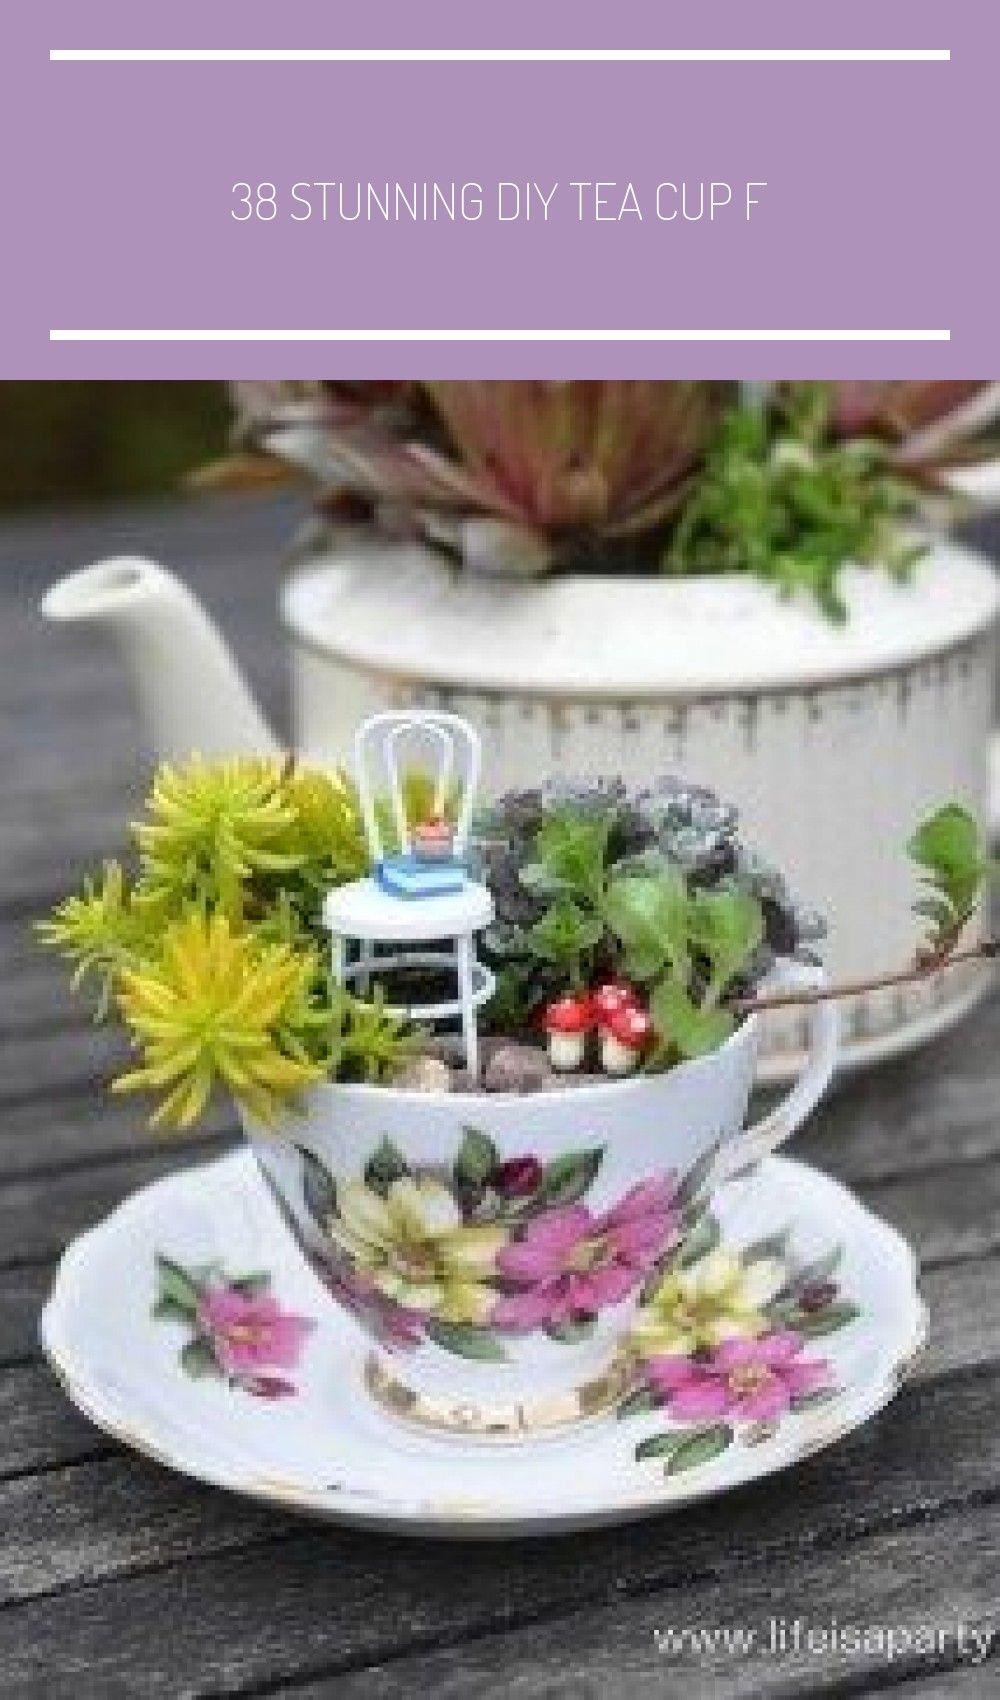 38 Stunning Diy Tea Cup Fairy Garden Ideas Hoomdesign Giardino In Miniatura Fai Da Te 38 Stunning Diy Tea Cup Fa Tea Cups Diy Tea